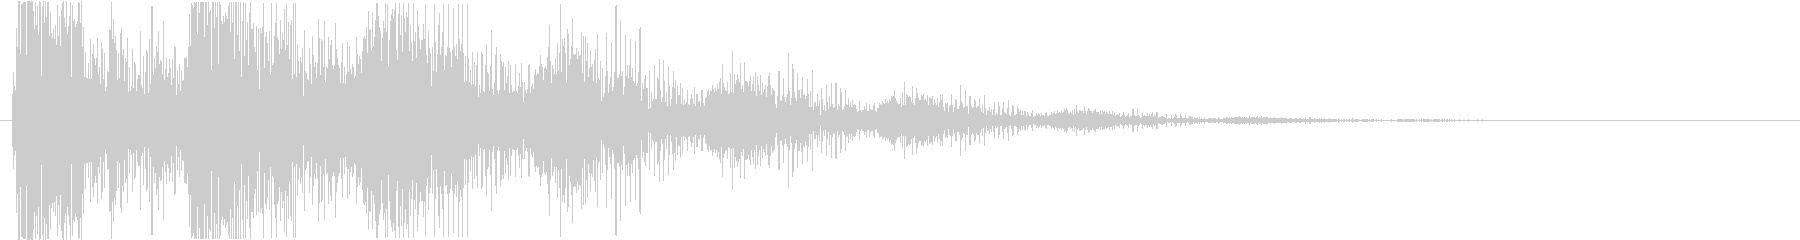 プッ:ラッパの音・失敗・バカにするbの未再生の波形